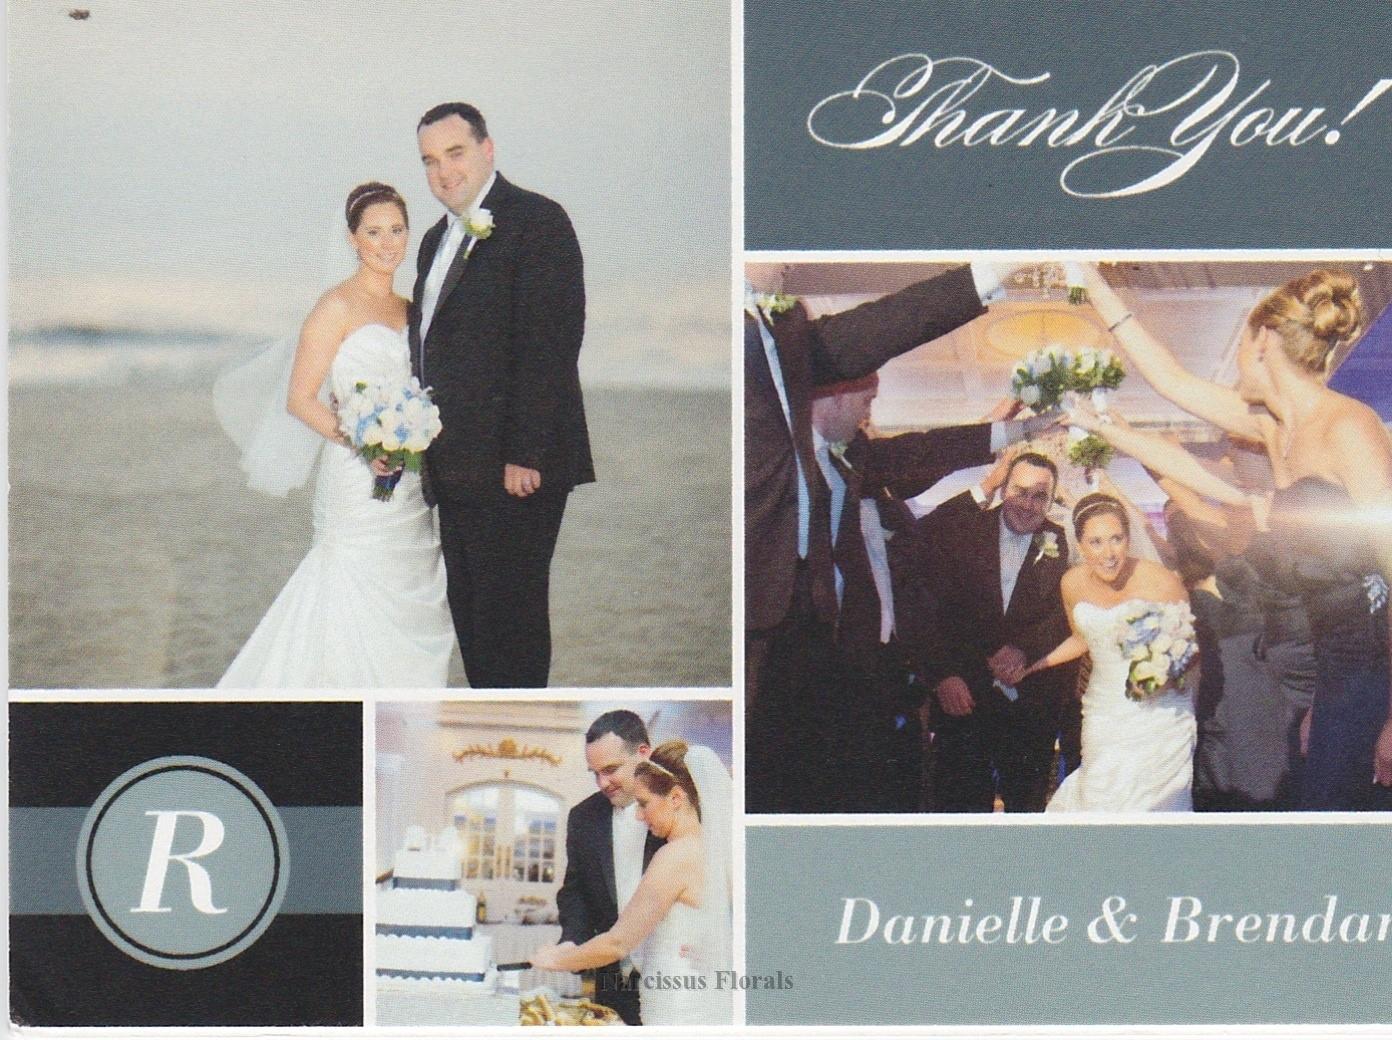 Danielle & Brendan